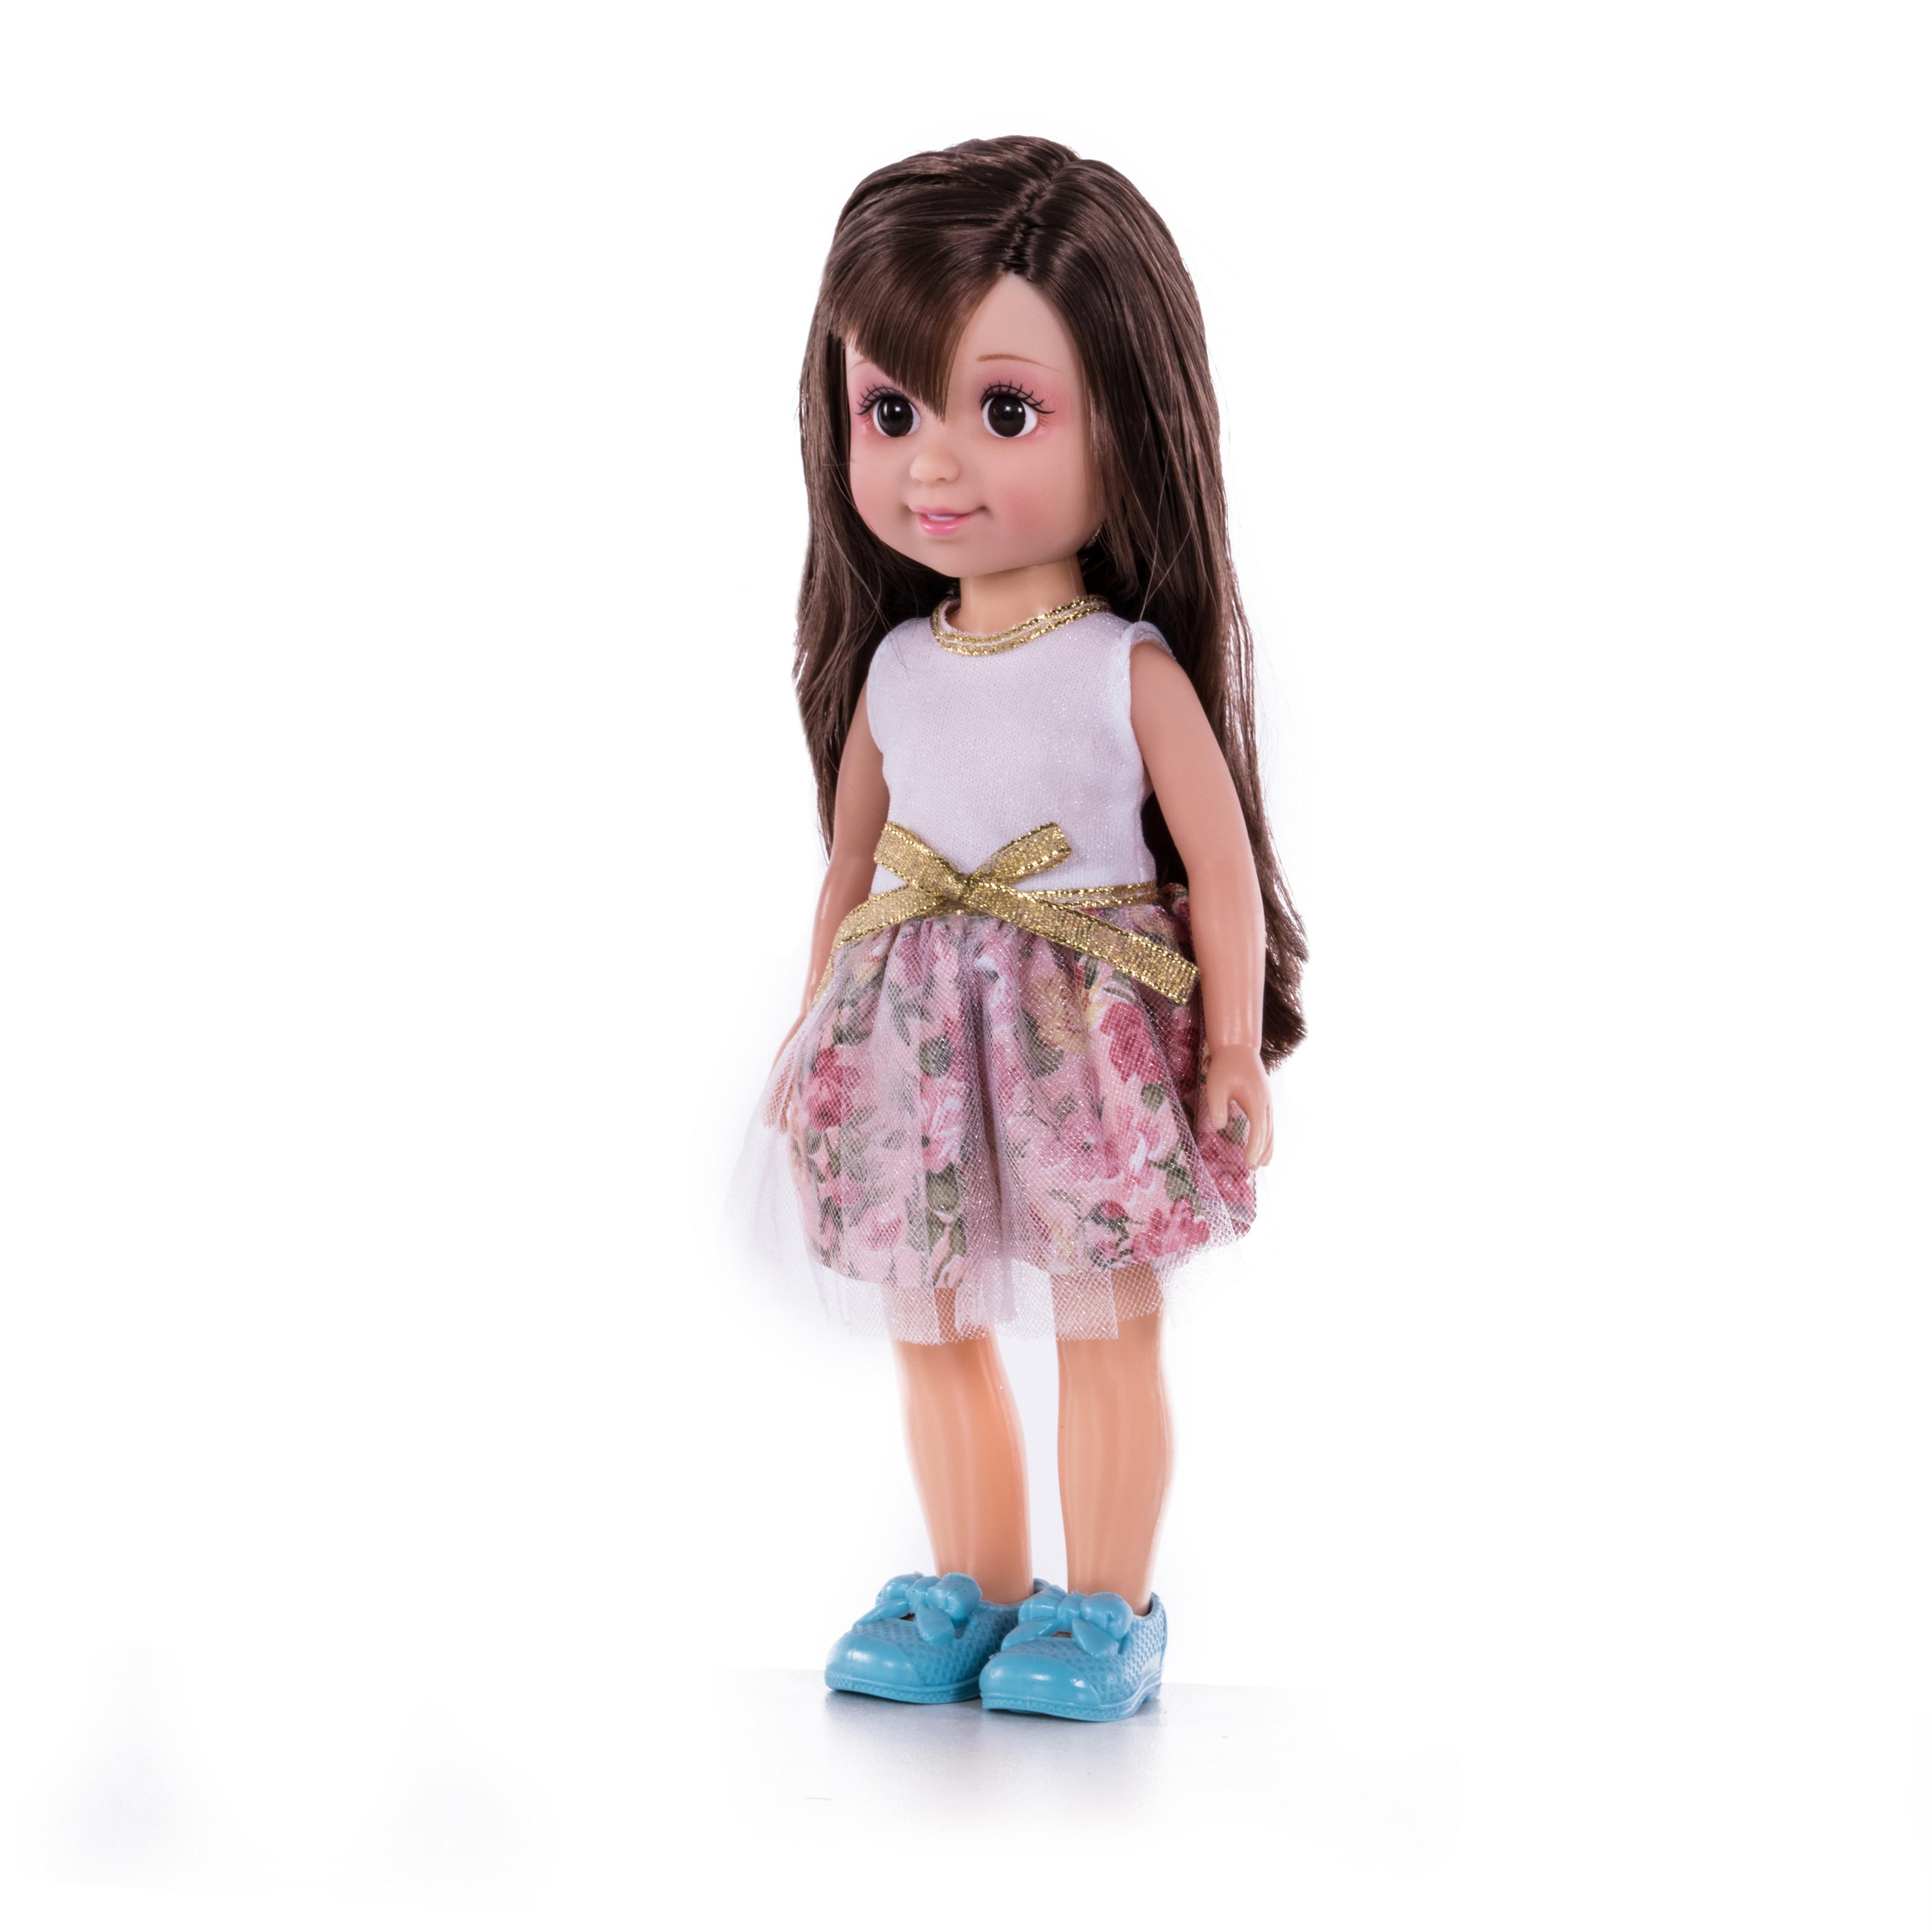 Другие куклы YAKO Кукла Yako Jammy М6293 25 см в асс. кукла yako m6289